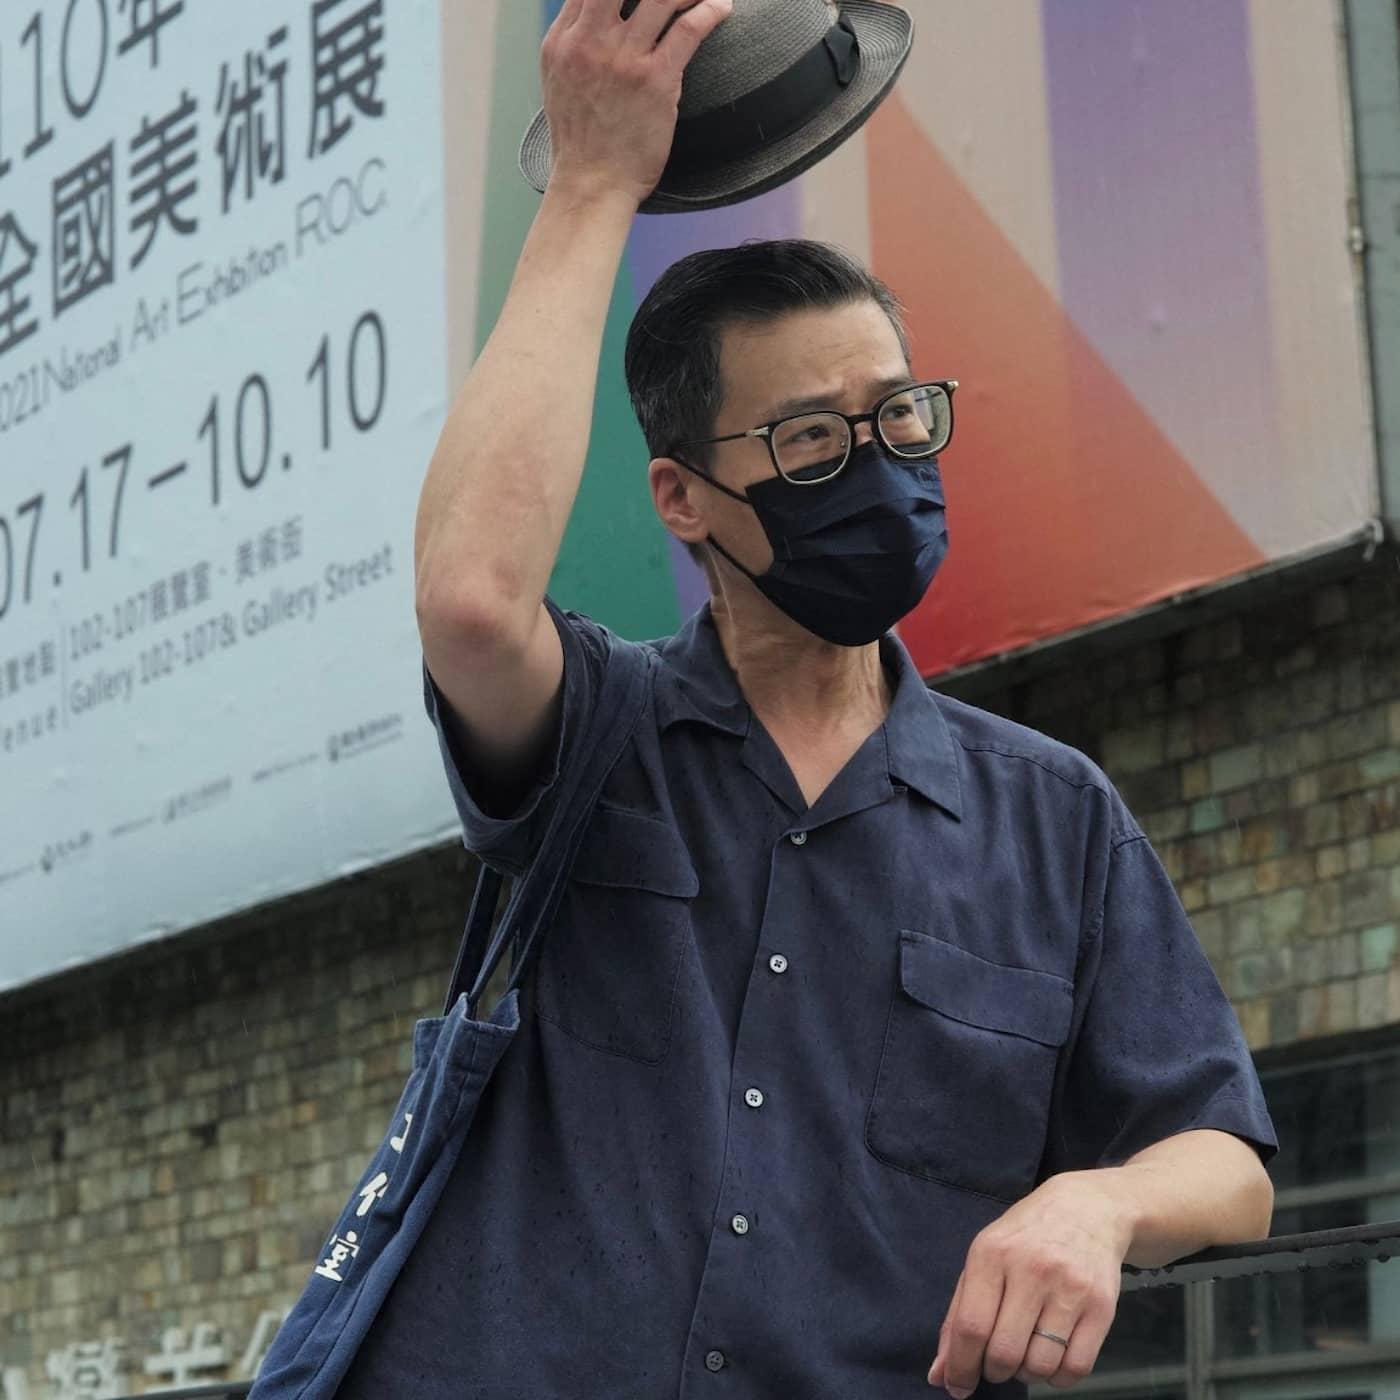 Sveriges Radios Kinakorrespondent om de senaste dagarnas avhopp från Hongkong